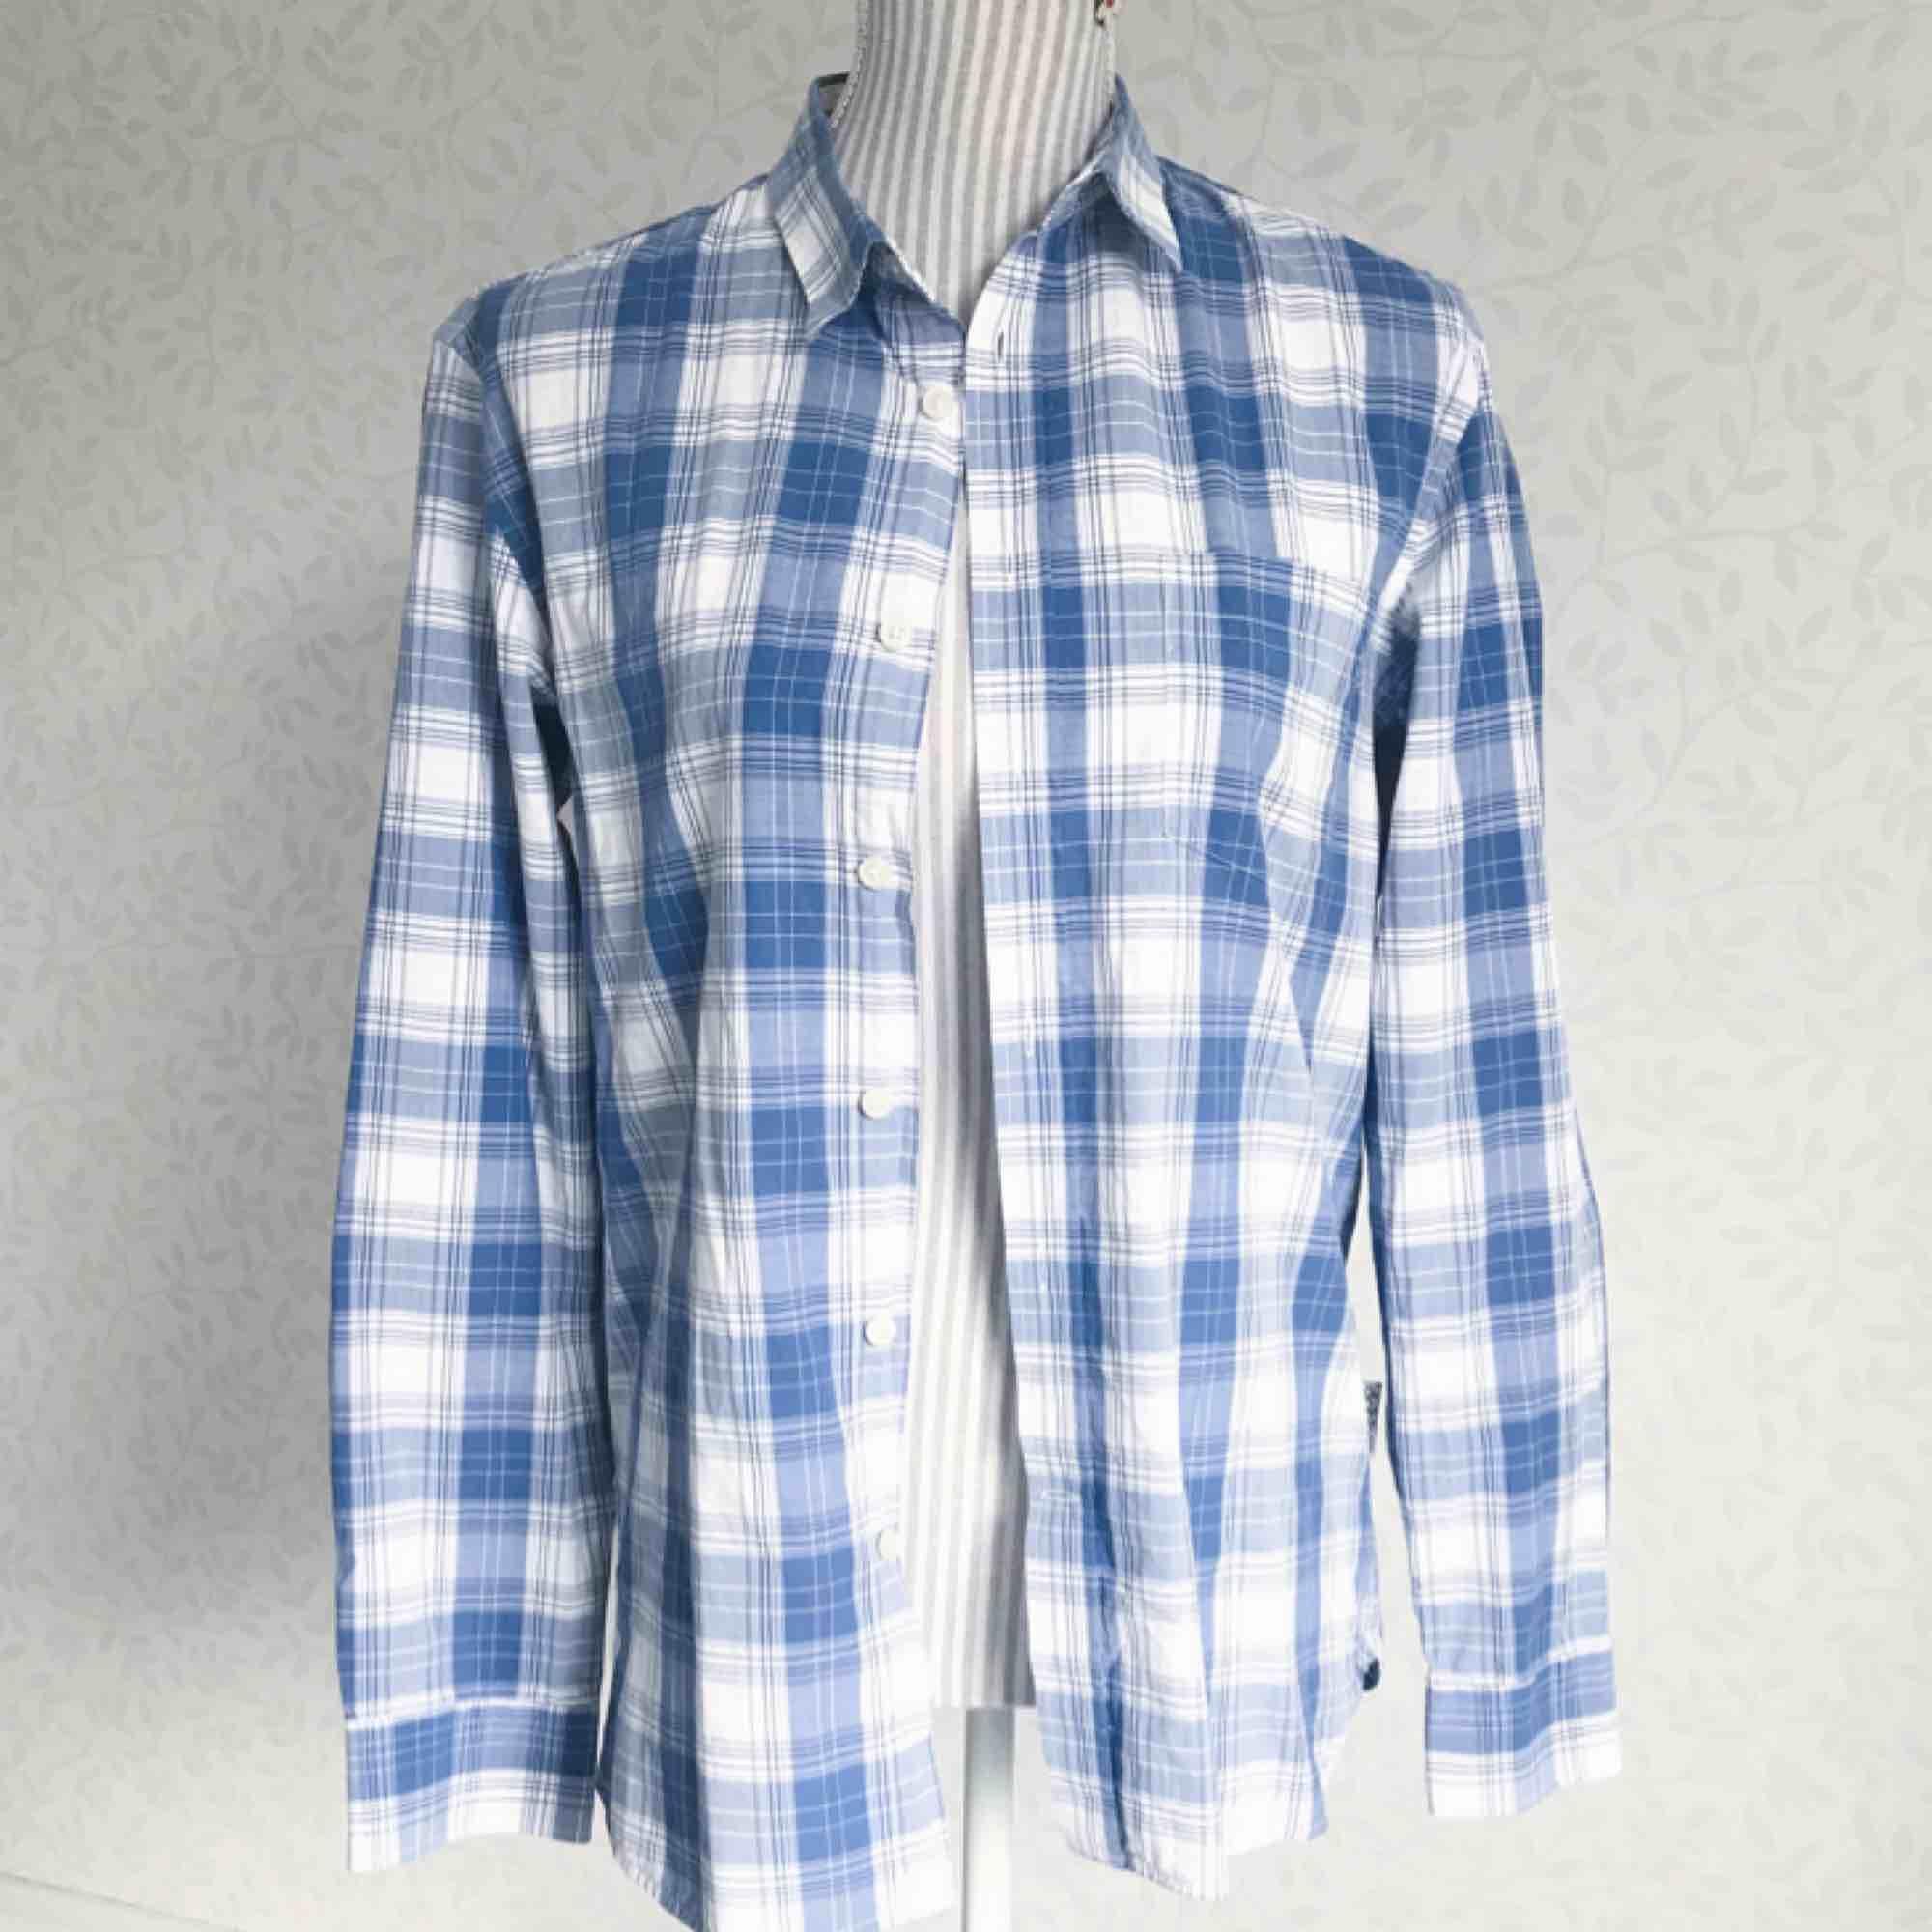 Blå och vit herrskjorta från Dobber i fint skick! Frakt på 40 kr tillkommer. Skjortor.